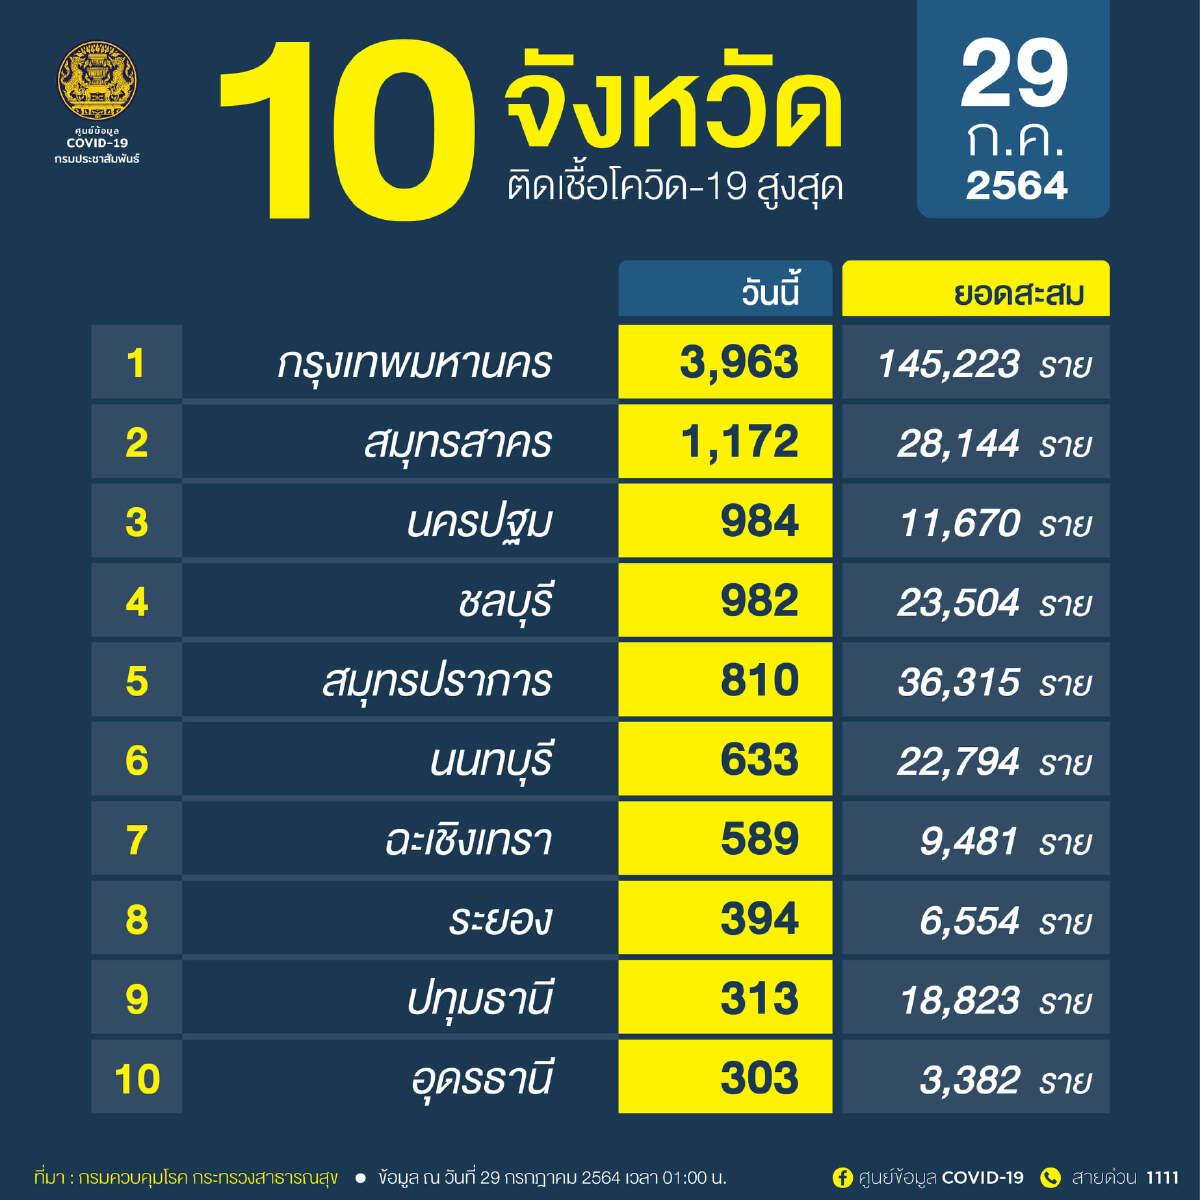 ข่าวโควิดวันนี้ 10 จังหวัดที่มีผู้ติดเชื้อรายใหม่สูงสุด กทม.พุ่ง 3,963 ราย